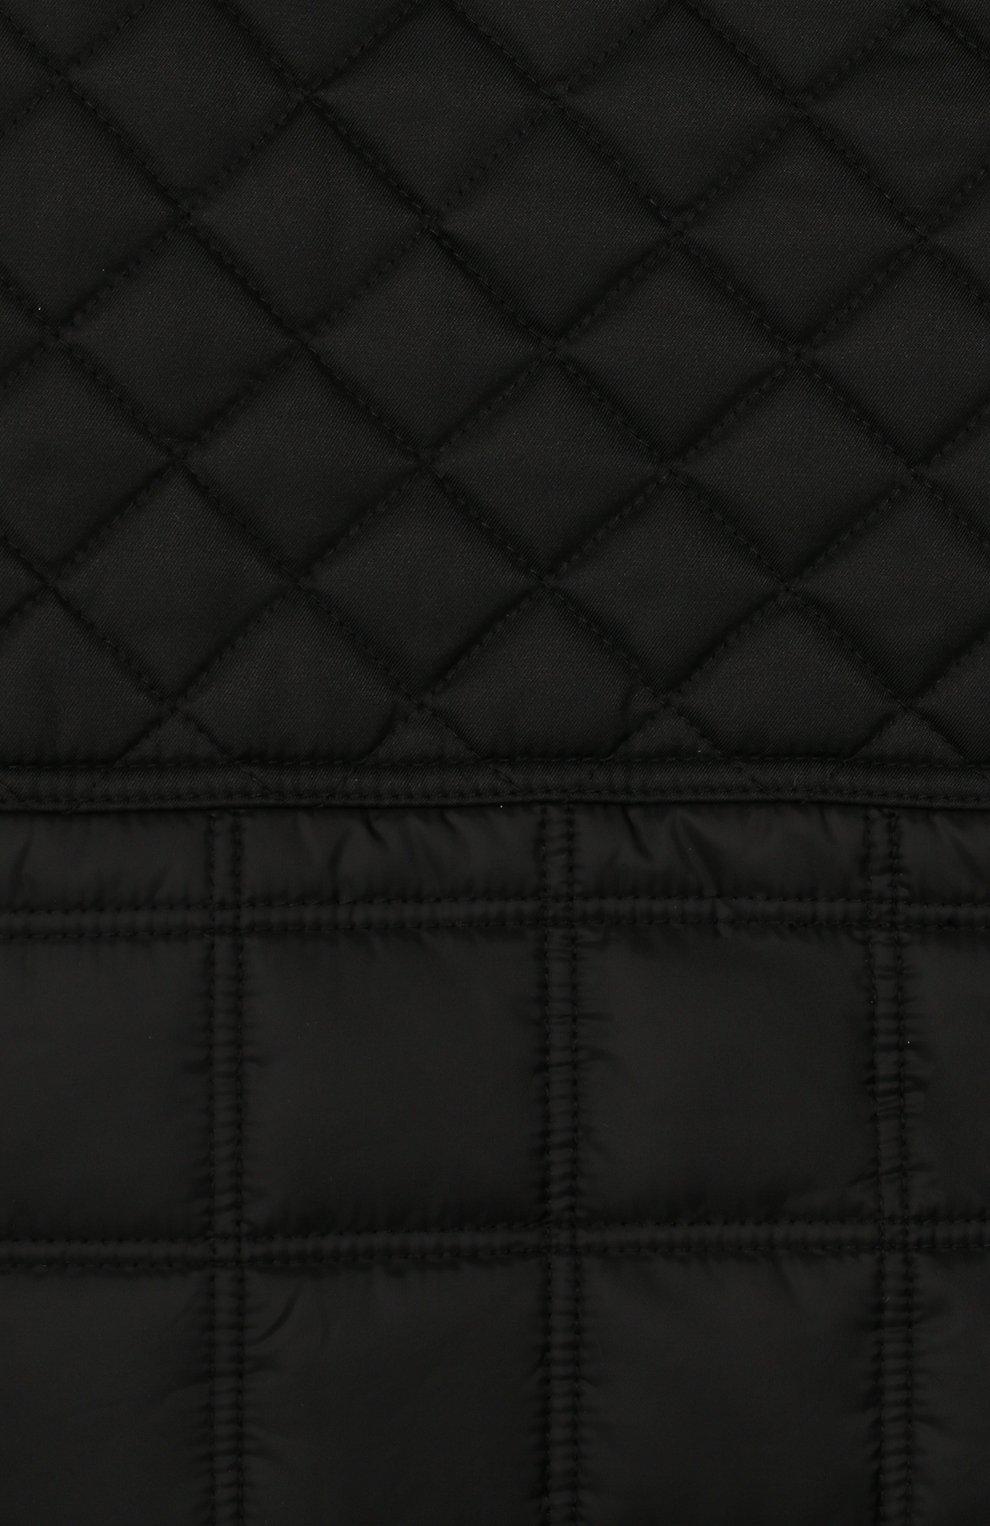 Пуховое пальто | Фото №3